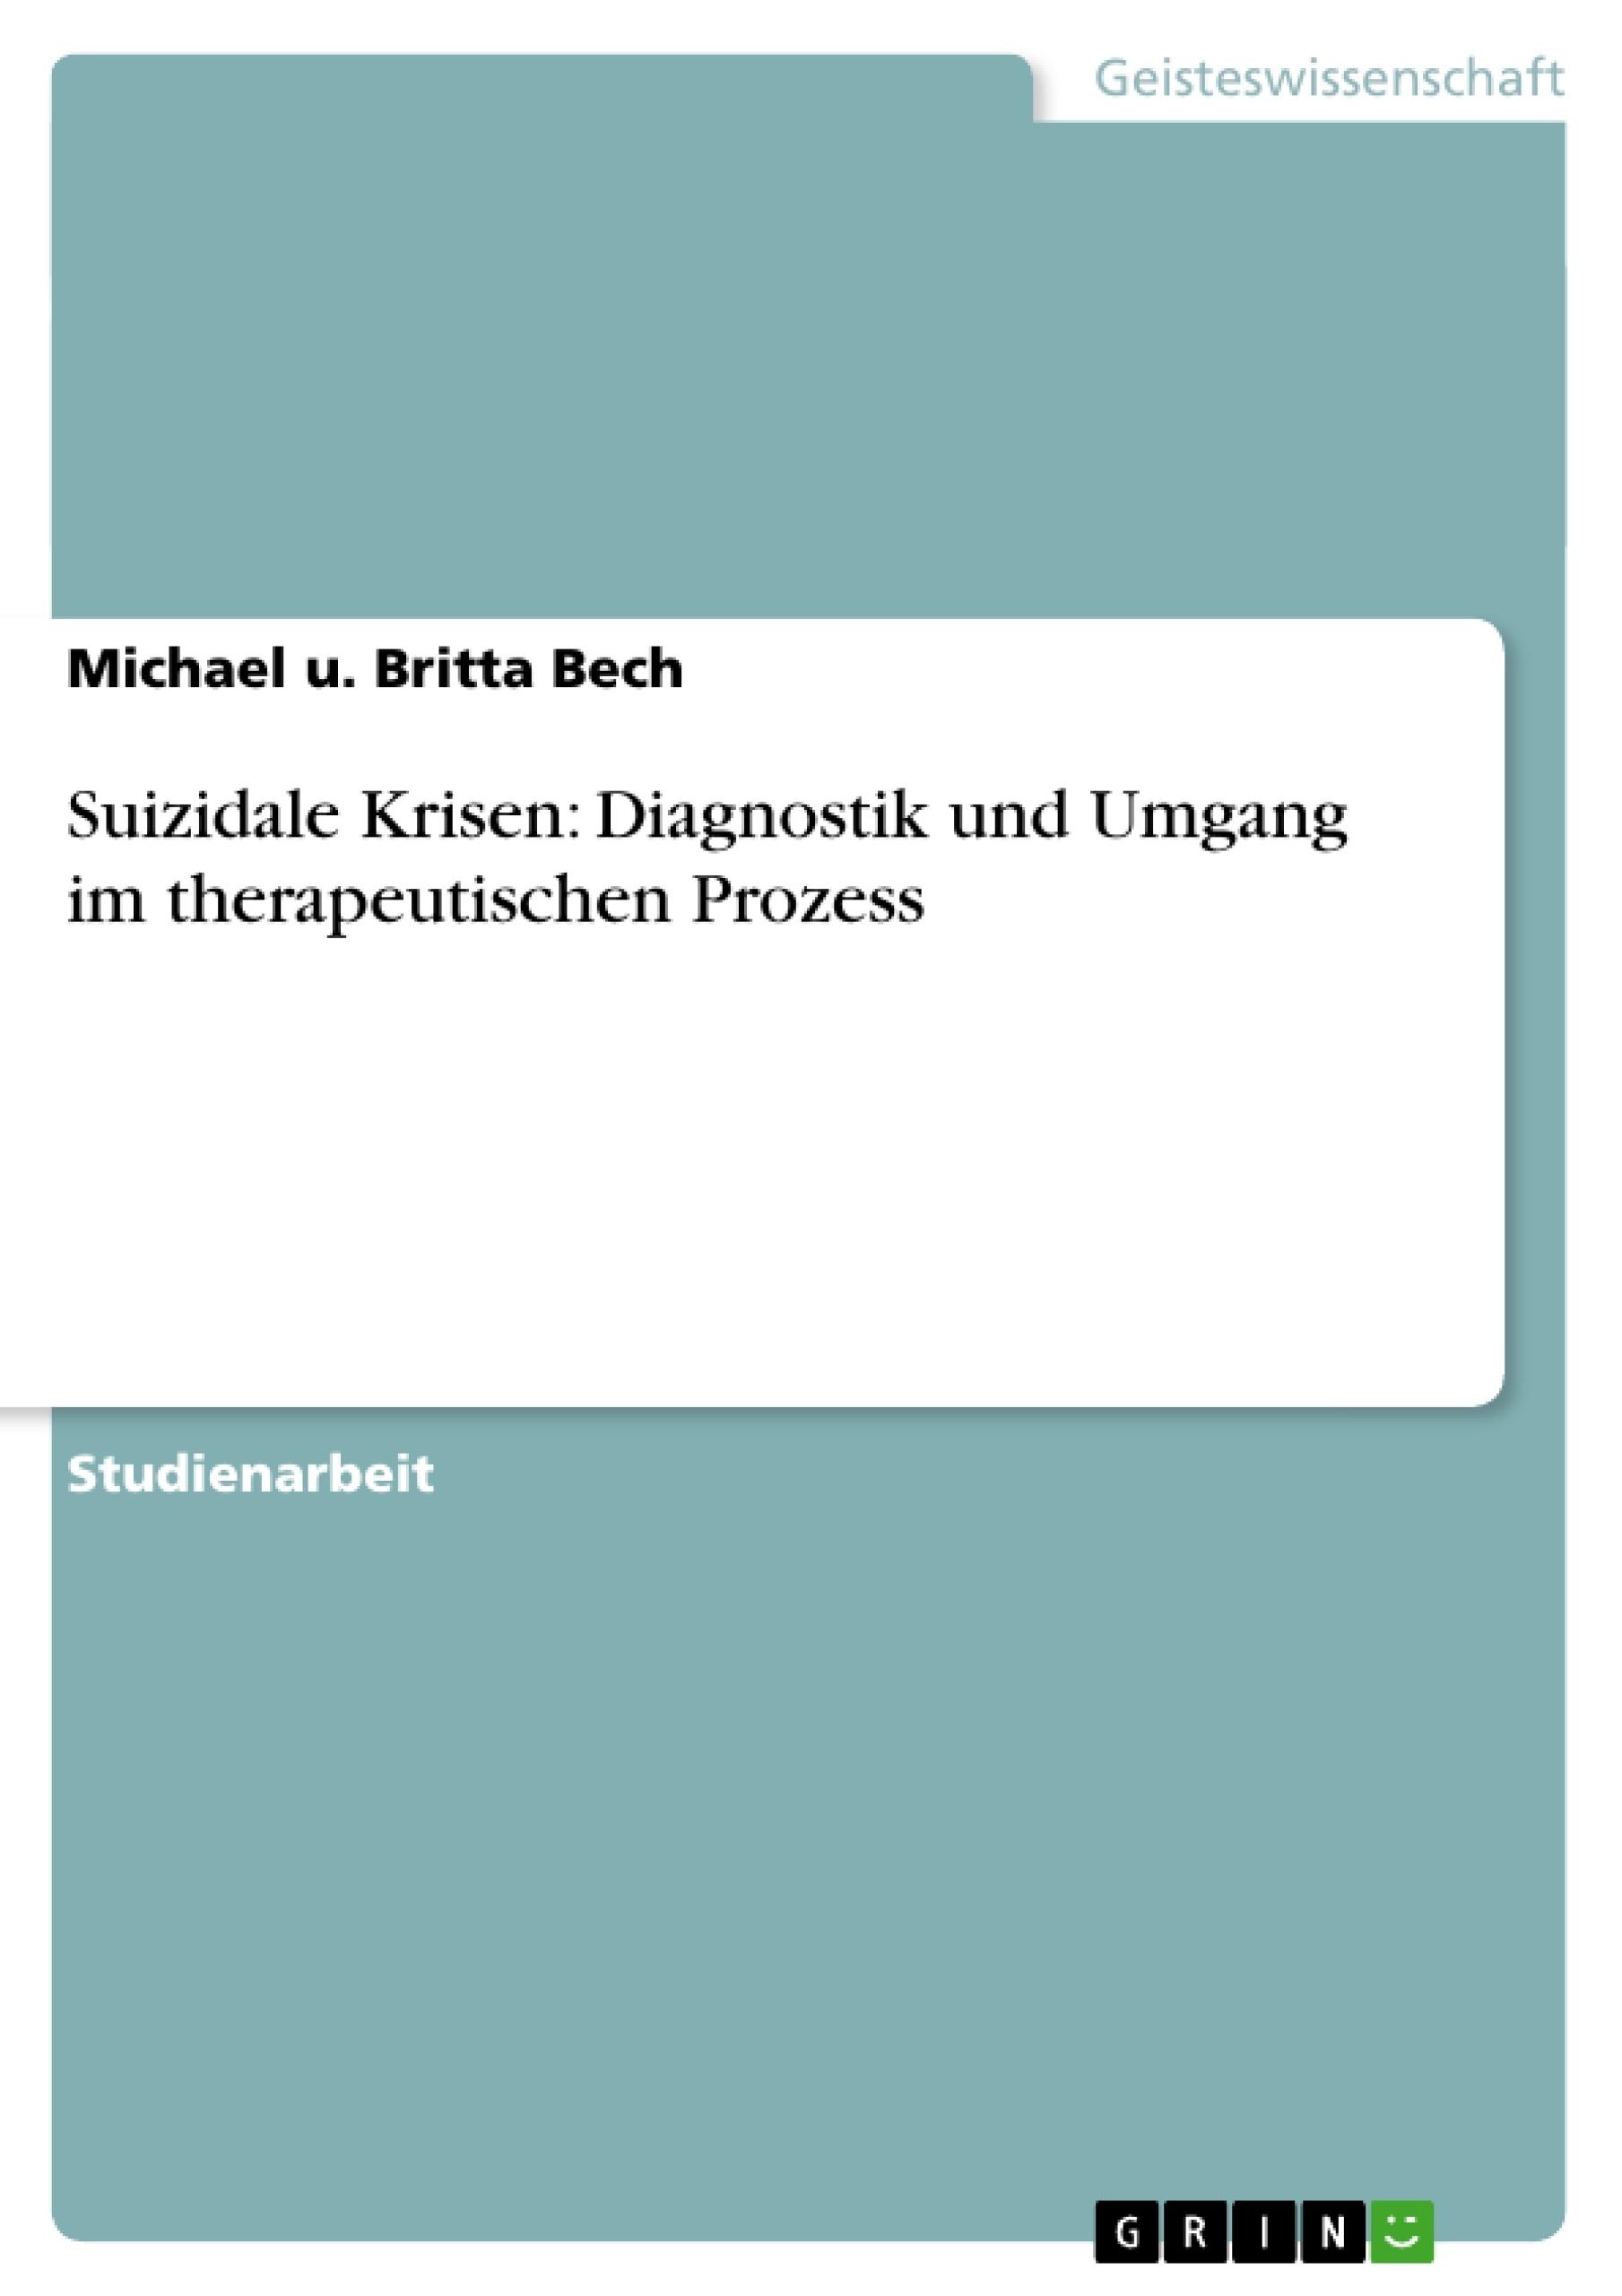 Titel: Suizidale Krisen: Diagnostik und Umgang im therapeutischen Prozess